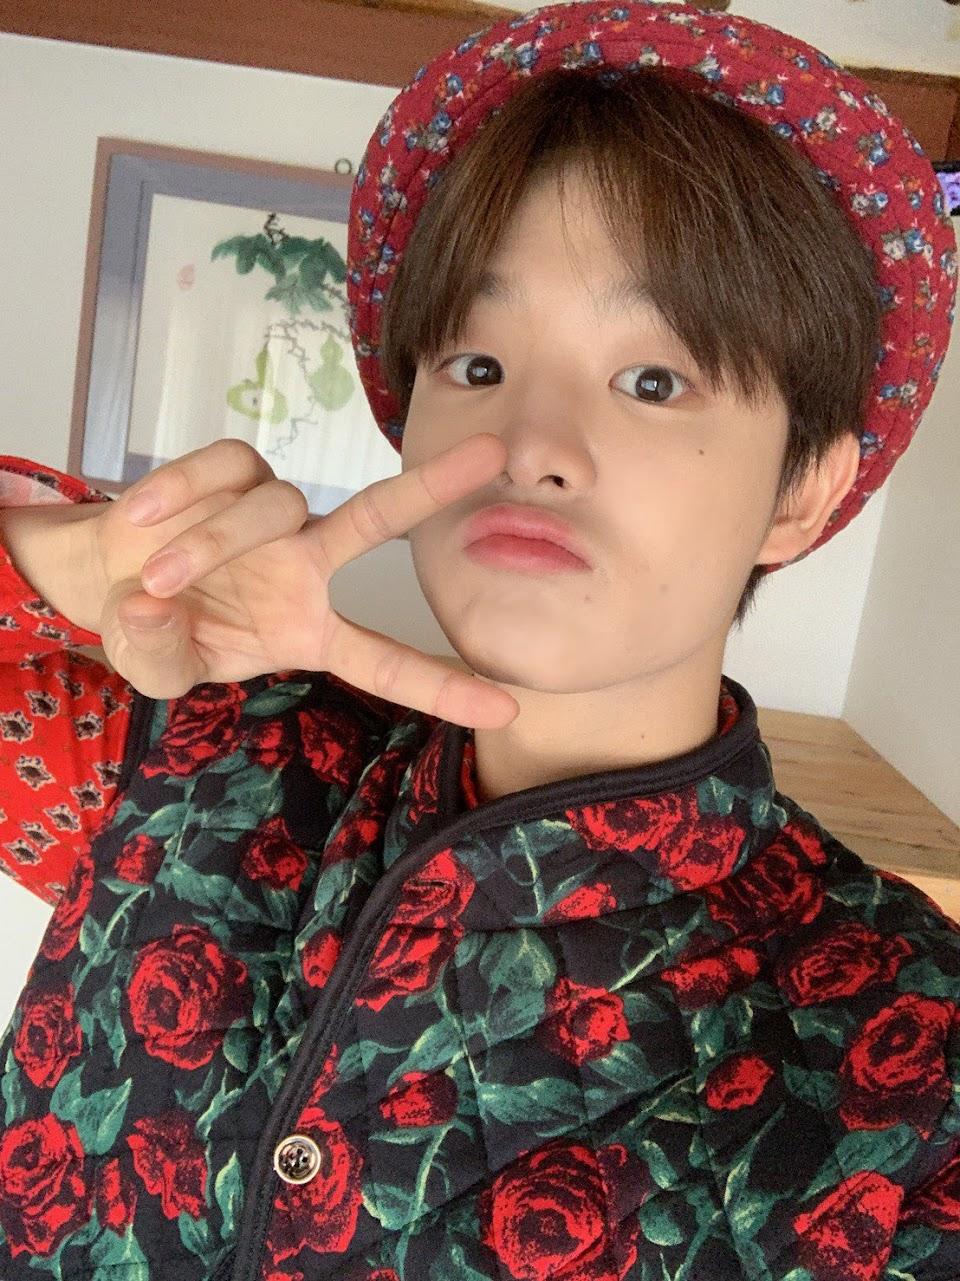 jihoon fresh